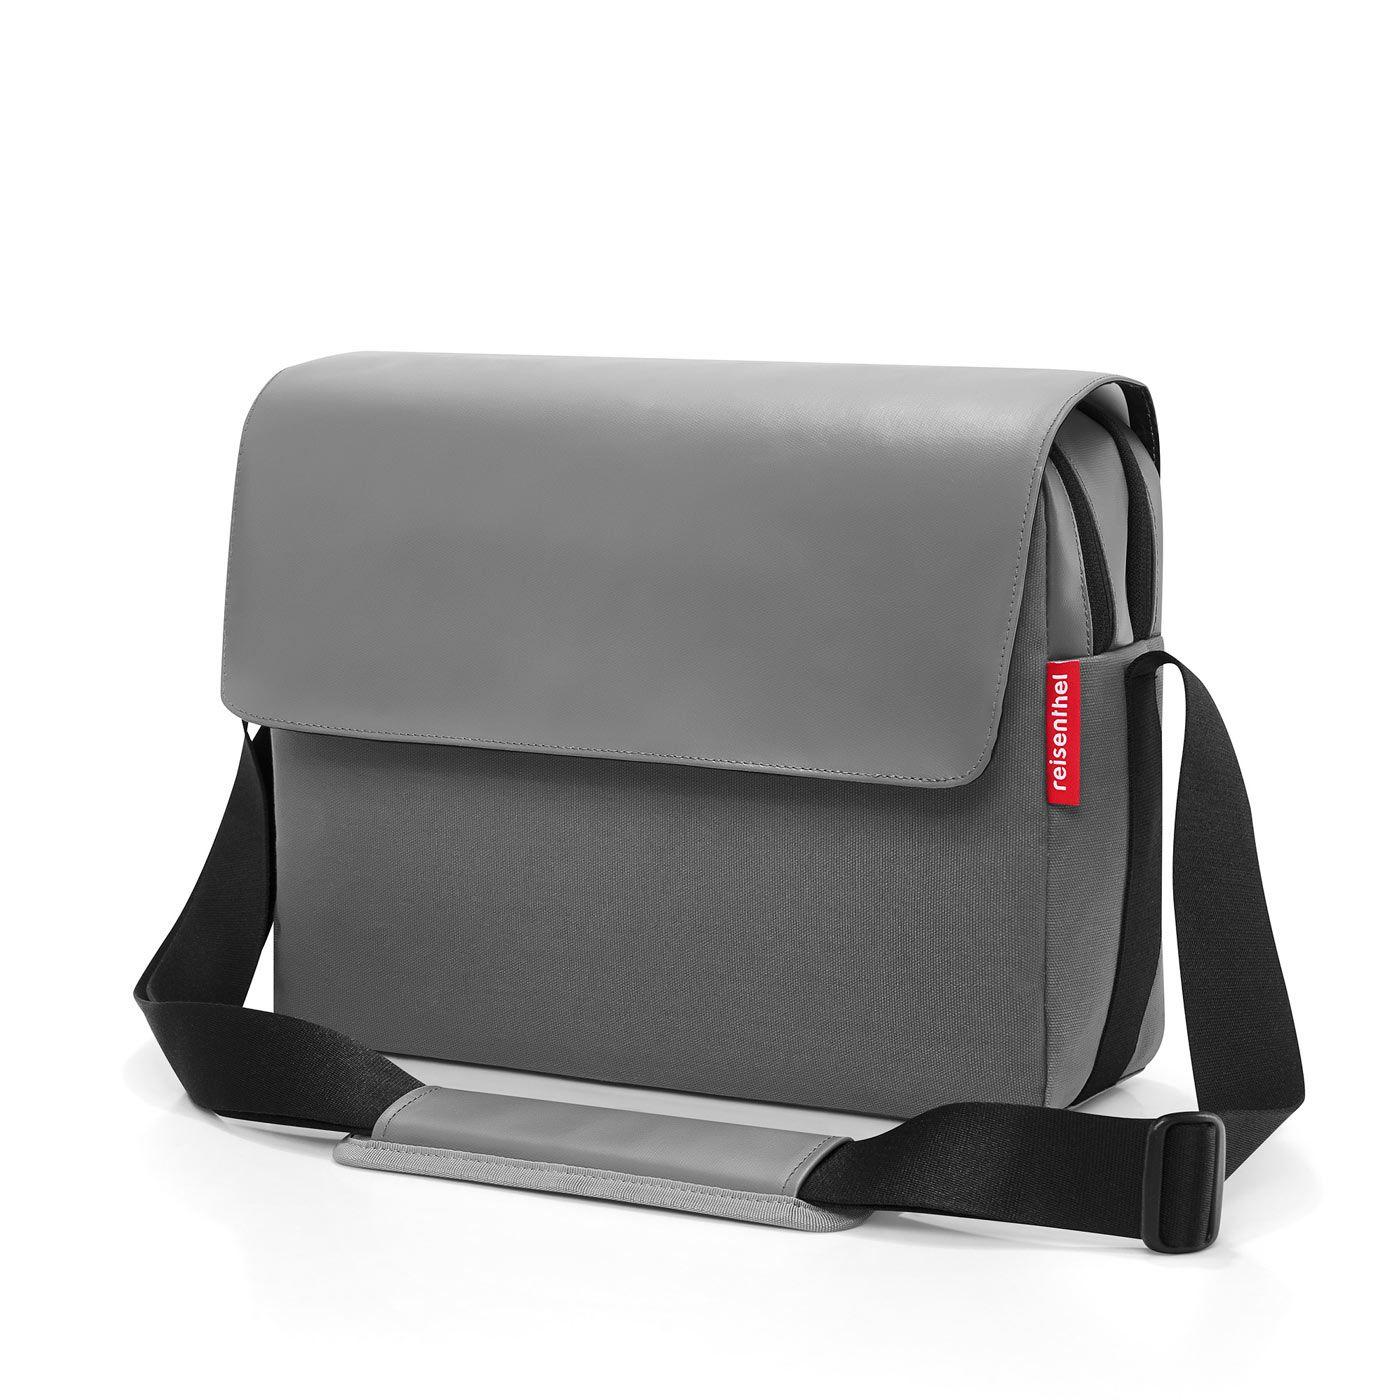 efceaa75a6d45 reisenthel courierbag 2 cancas grey Umhängetasche Bürotasche